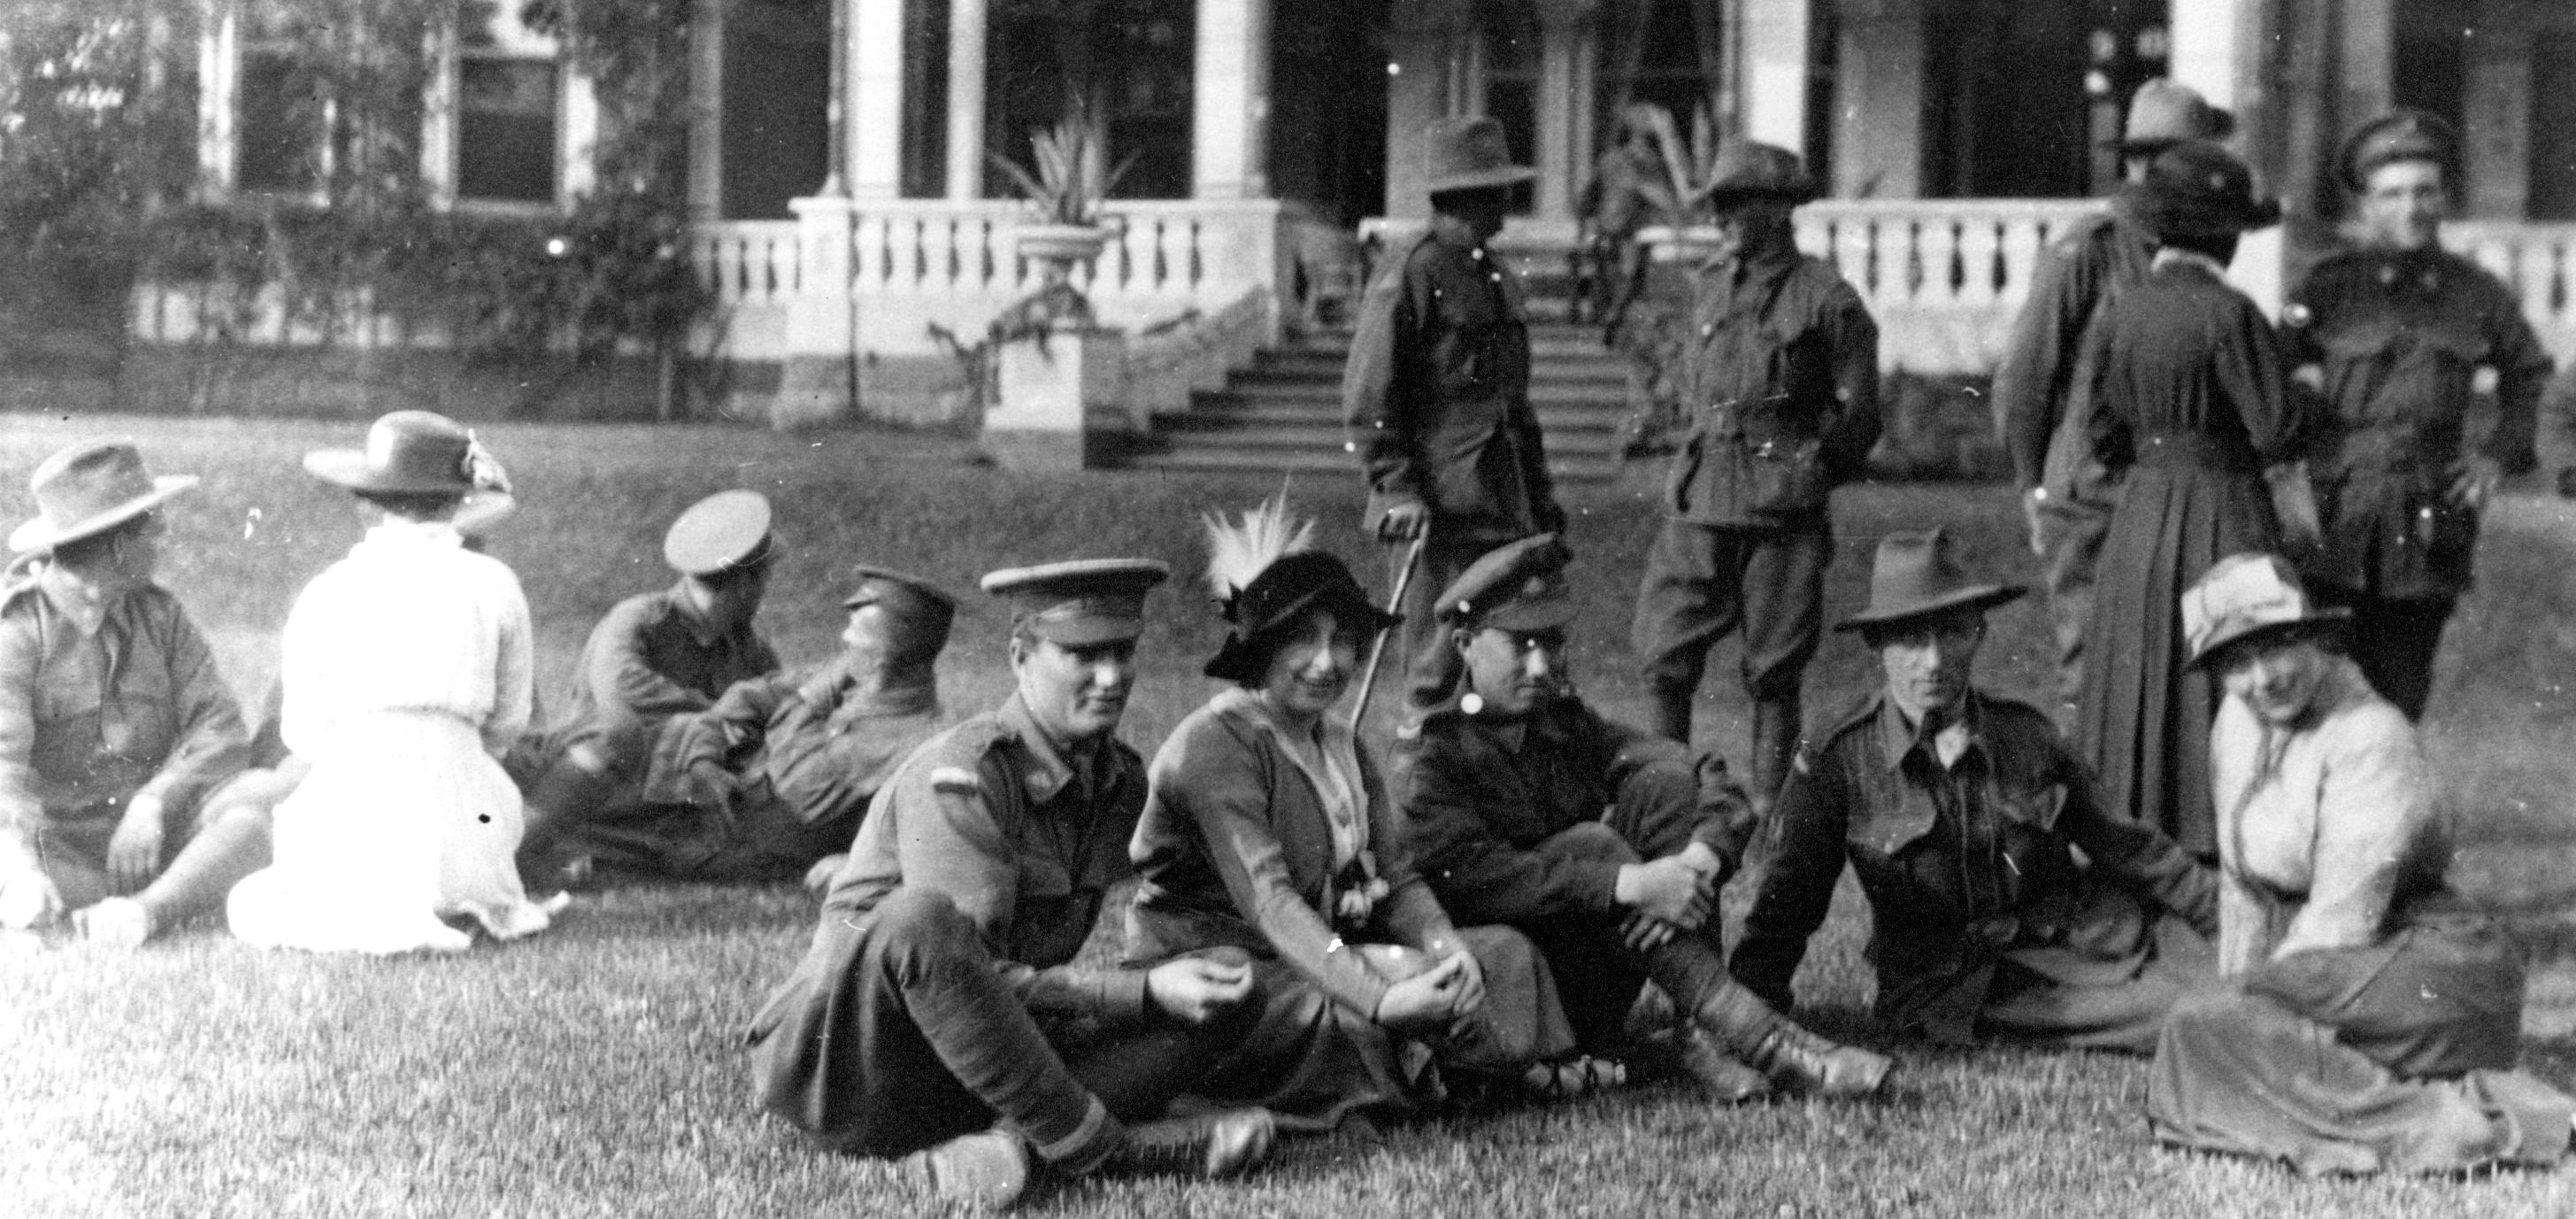 Pompey Eilliott at War